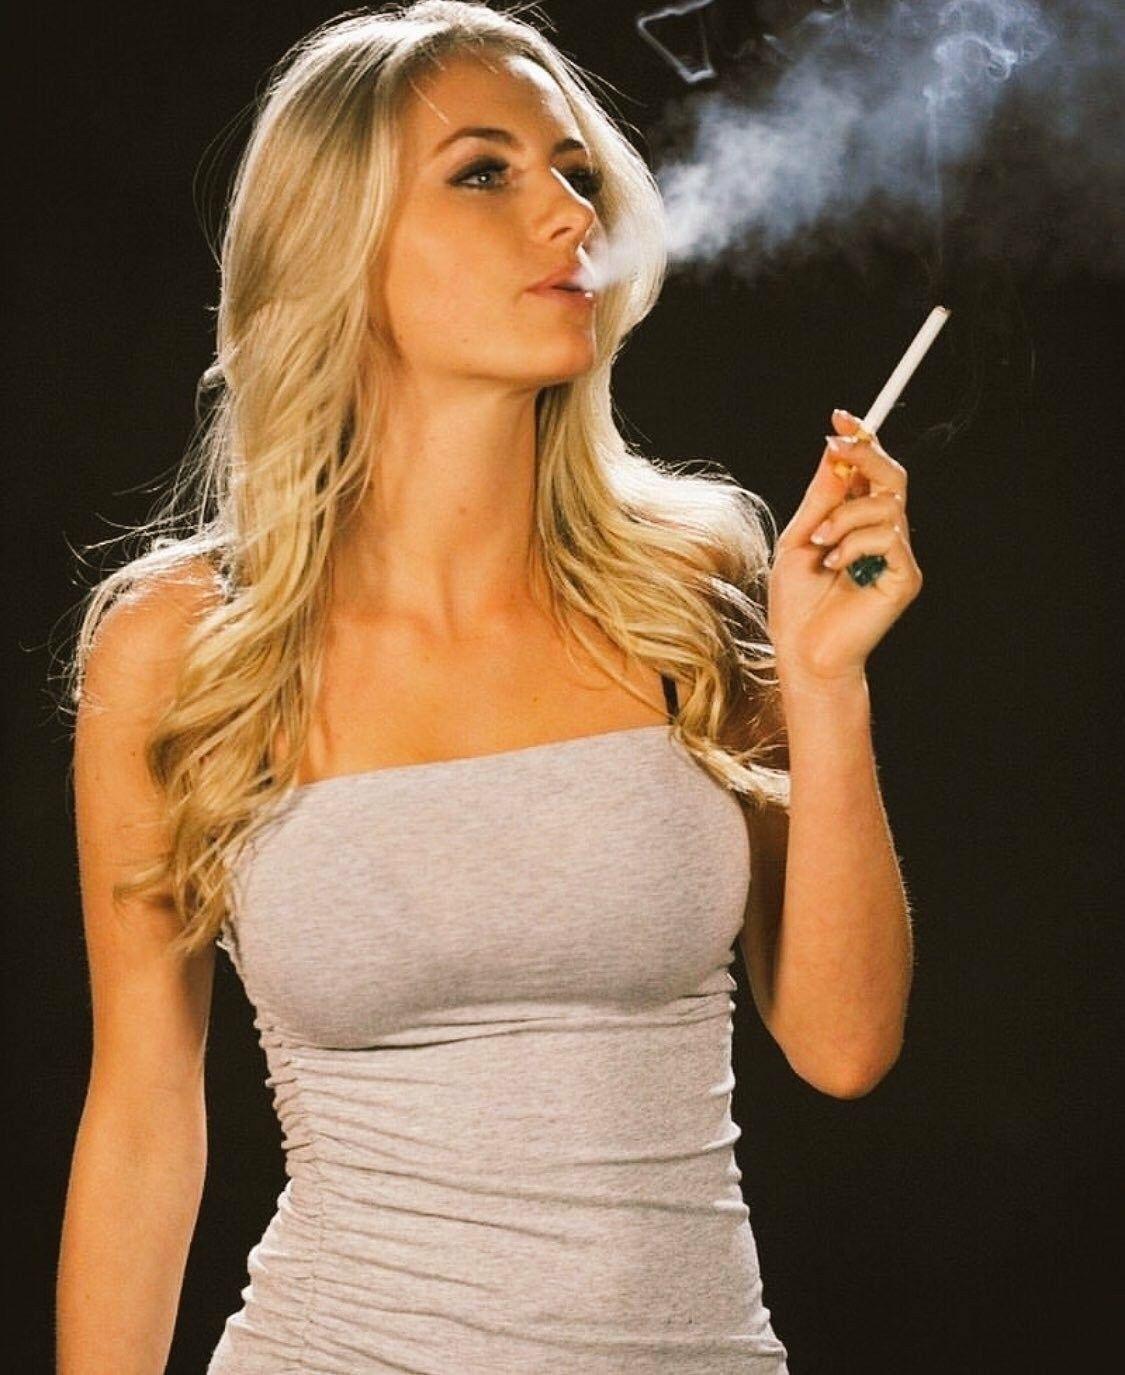 Sexy Hot Smoking Fetish